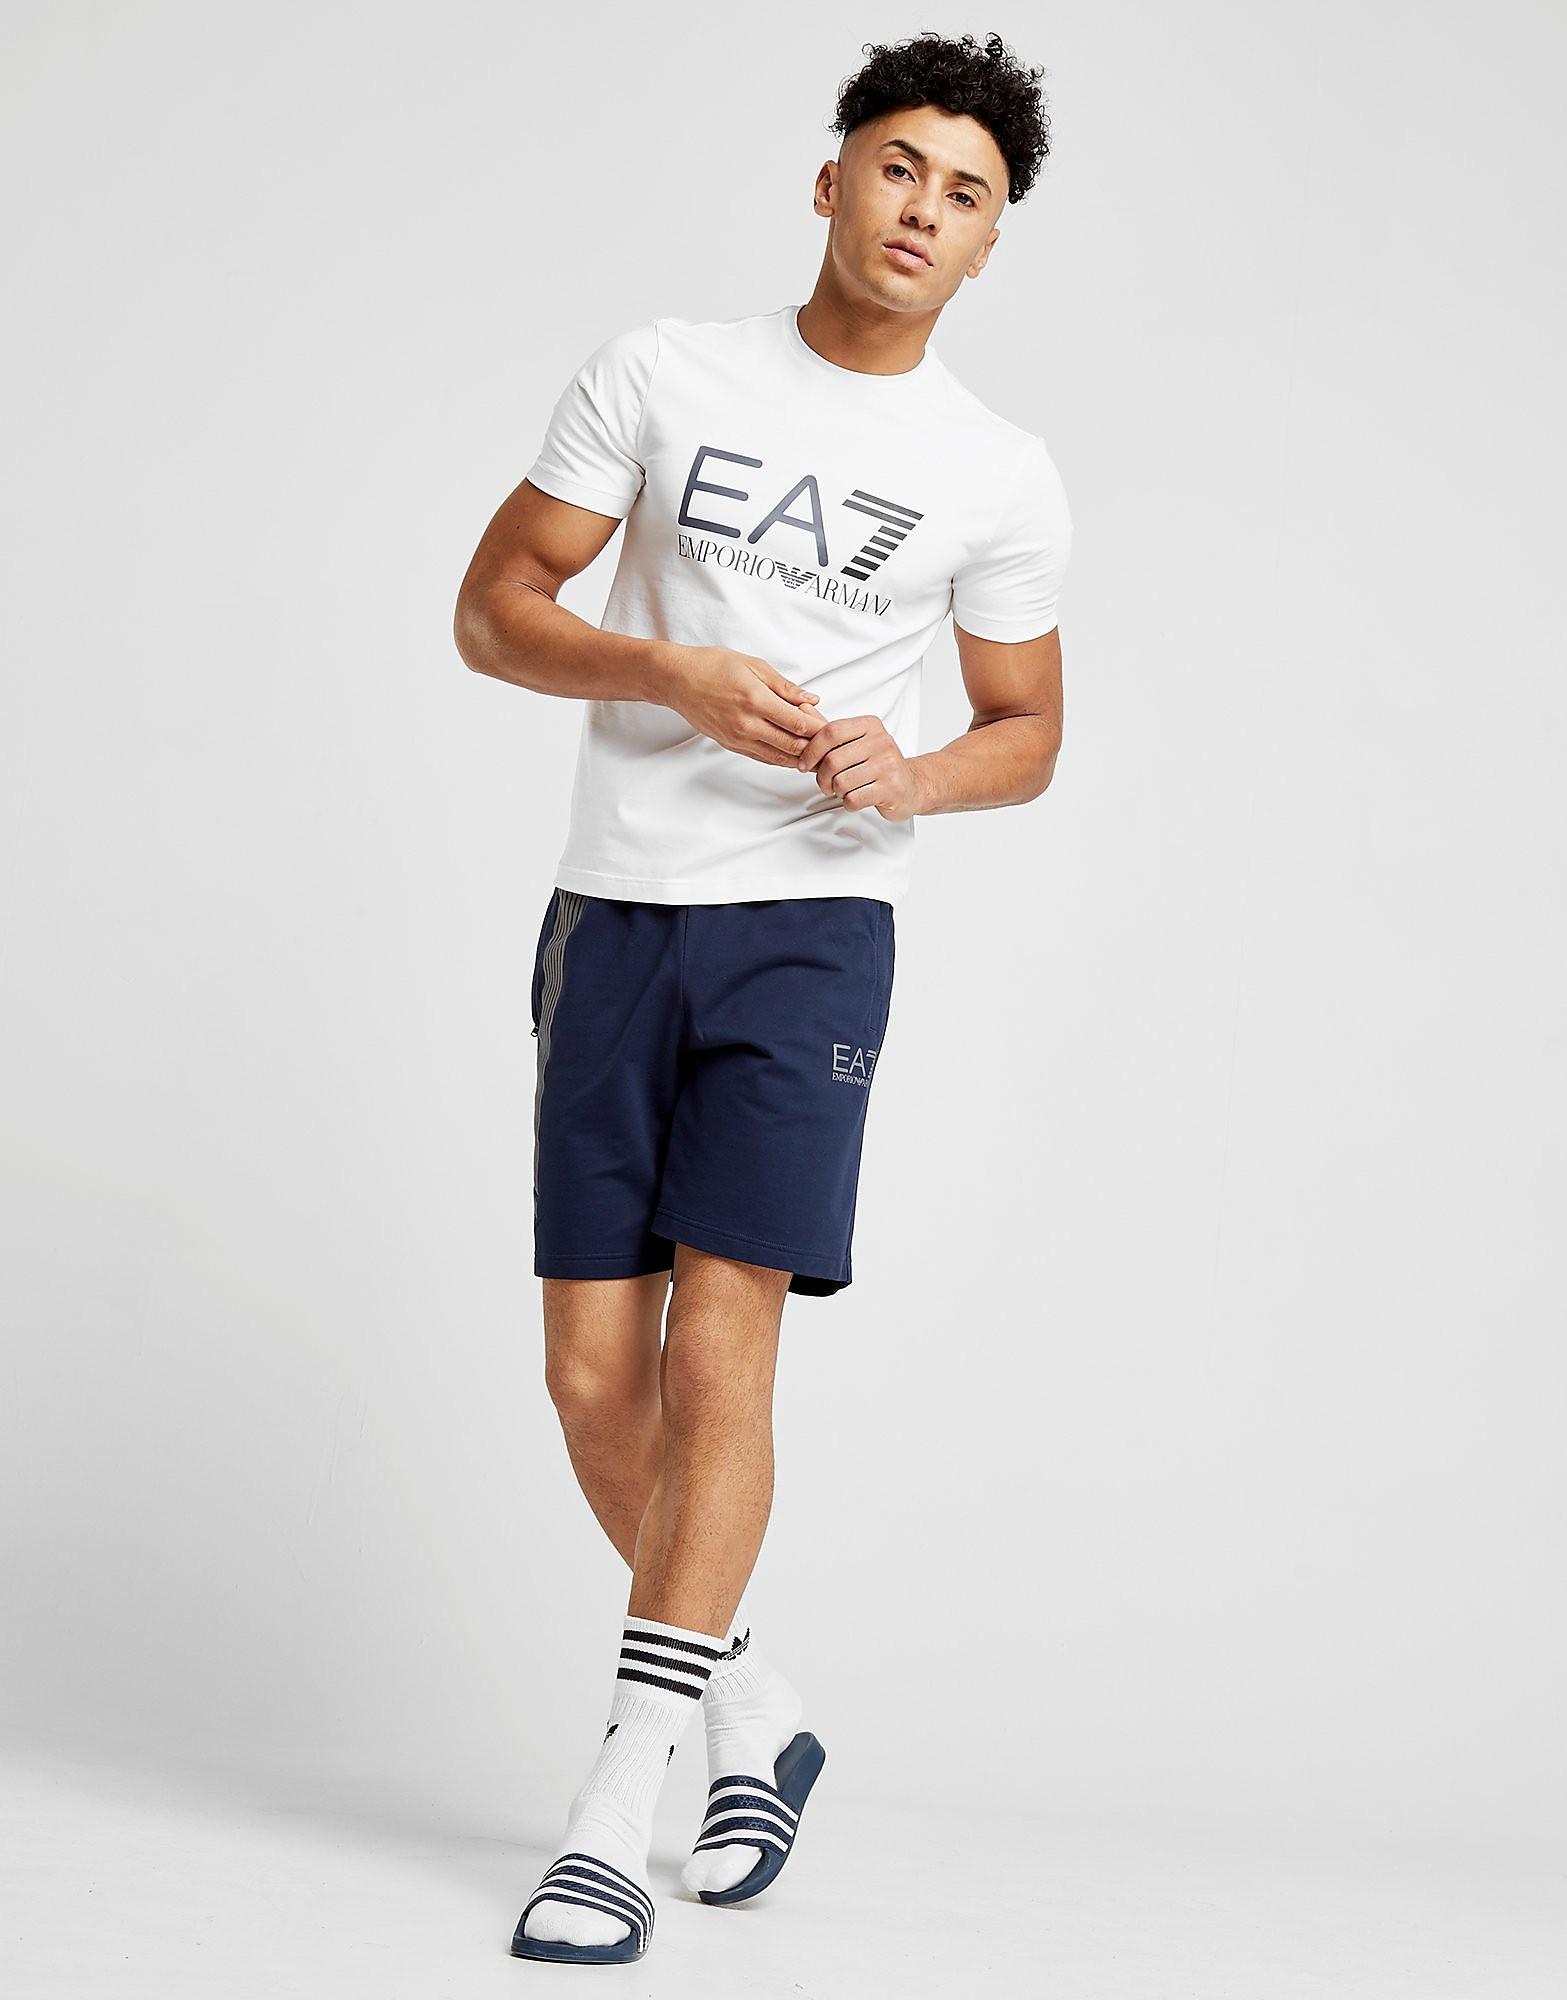 Emporio Armani EA7 7 Lines Shorts